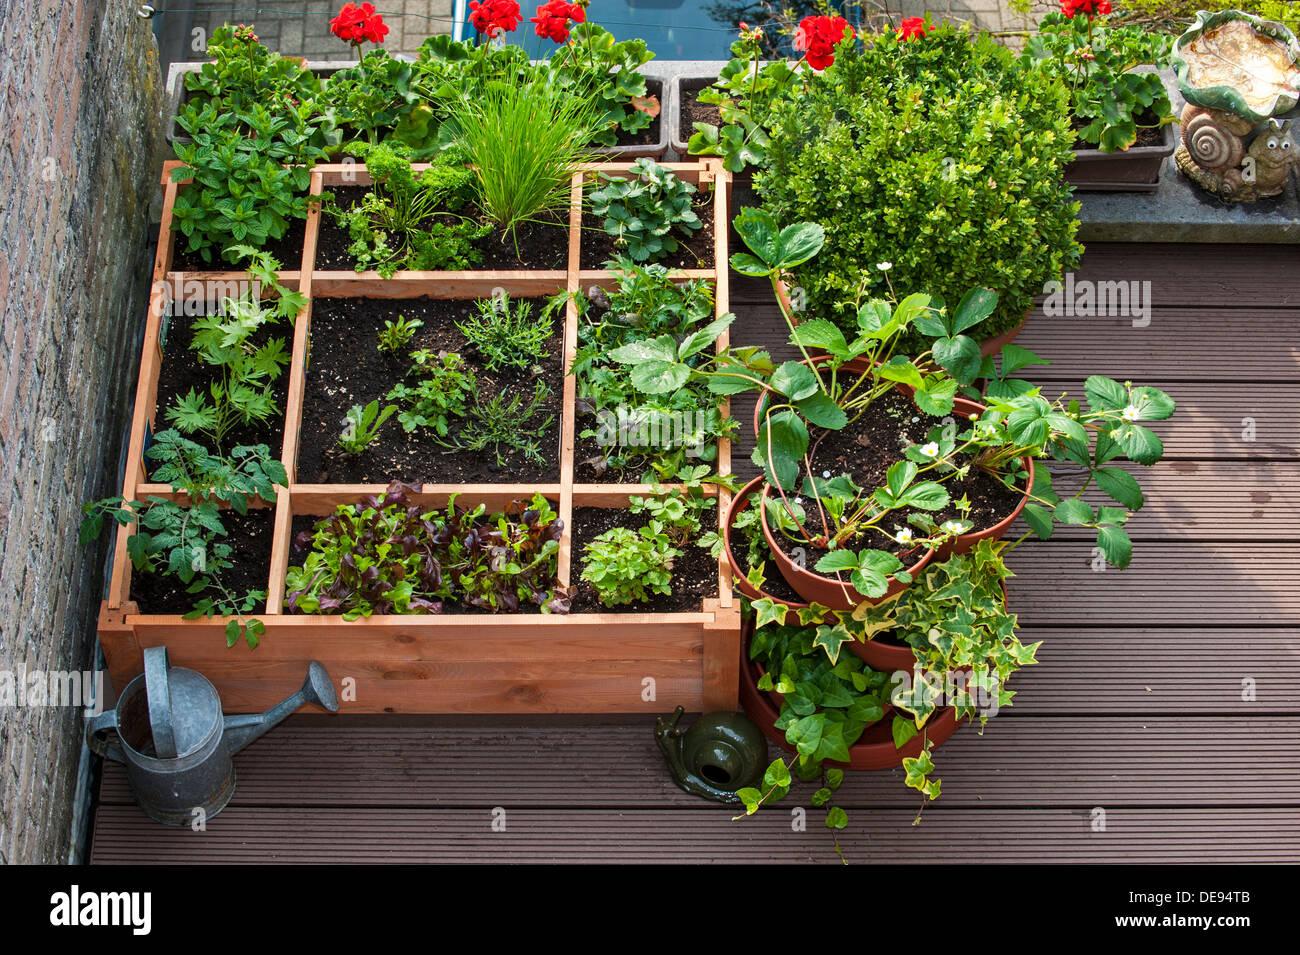 Quadratfuß Gartenarbeit durch das Einpflanzen von Blumen, Kräutern und Gemüse in Holzkiste auf Balkon Stockbild